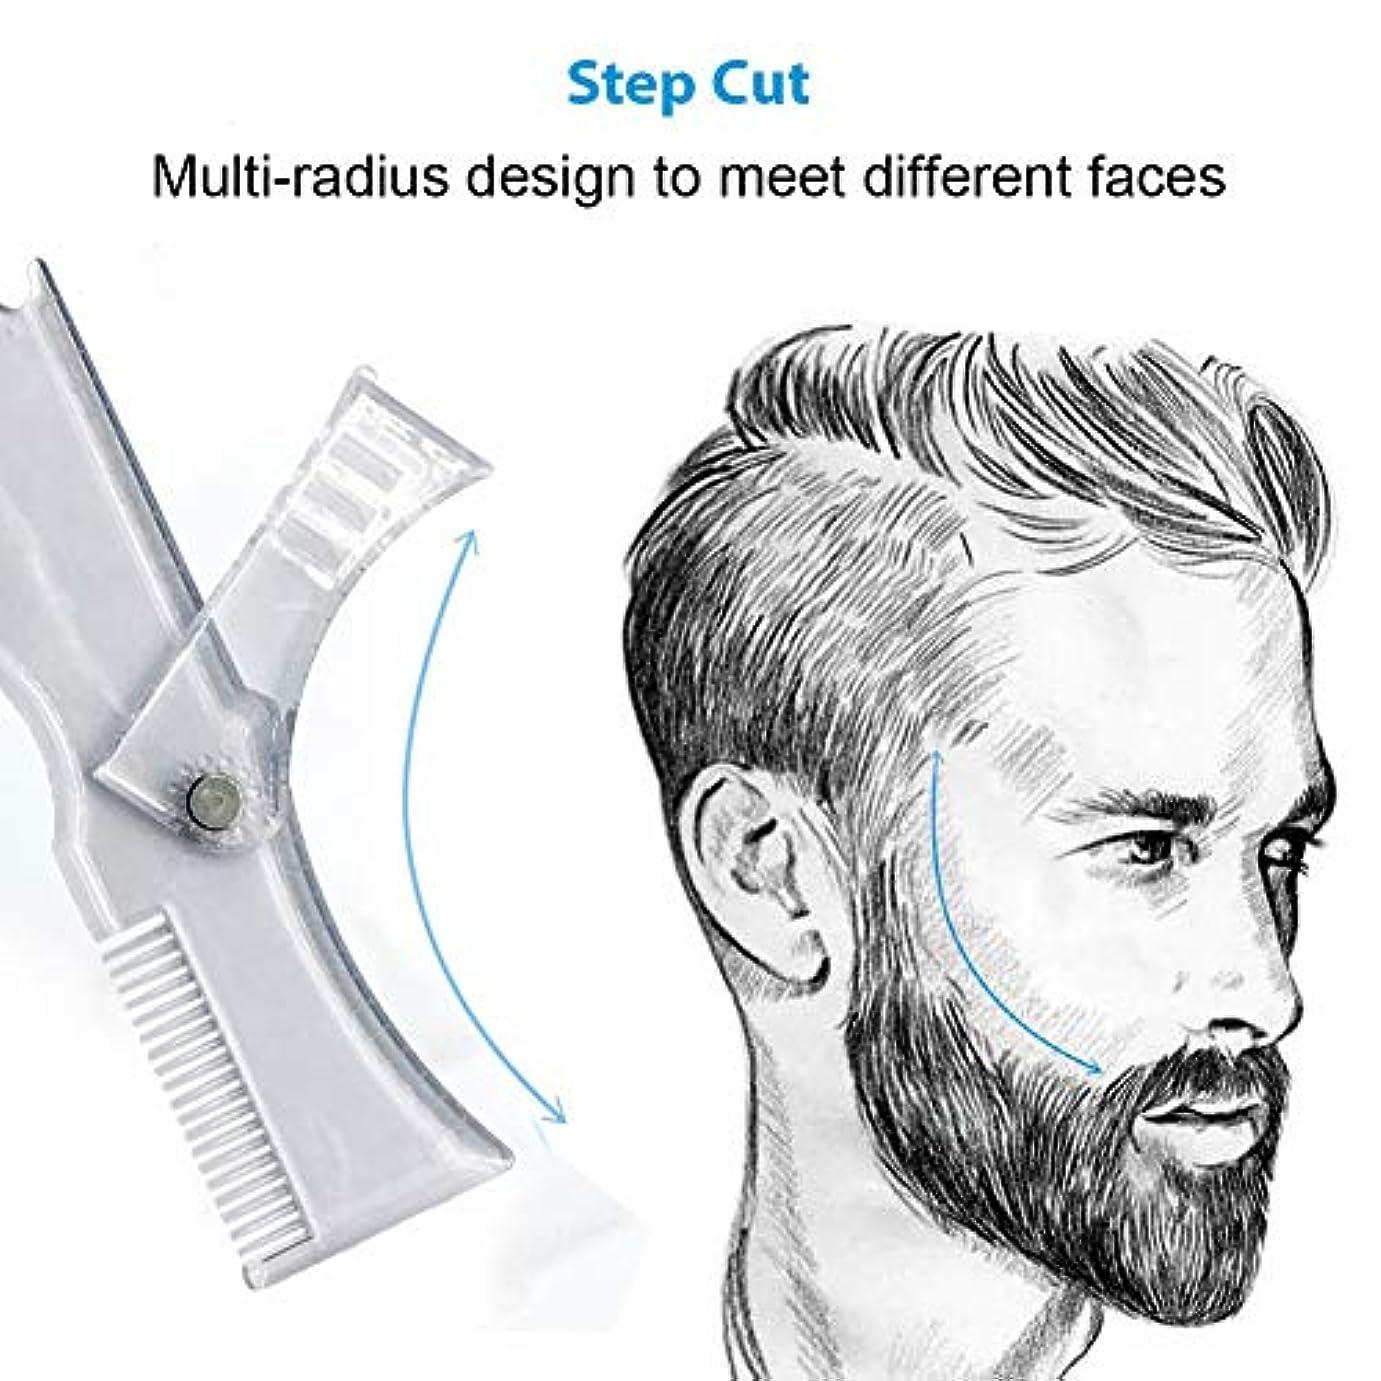 オーバーヘッド直径直径ACHICOO ひげ櫛 回転 ひげ ブラシ 形状テンプレート 櫛 調整可能 スタイリング 角度 モデリング 理髪ツール 男性 メンズ